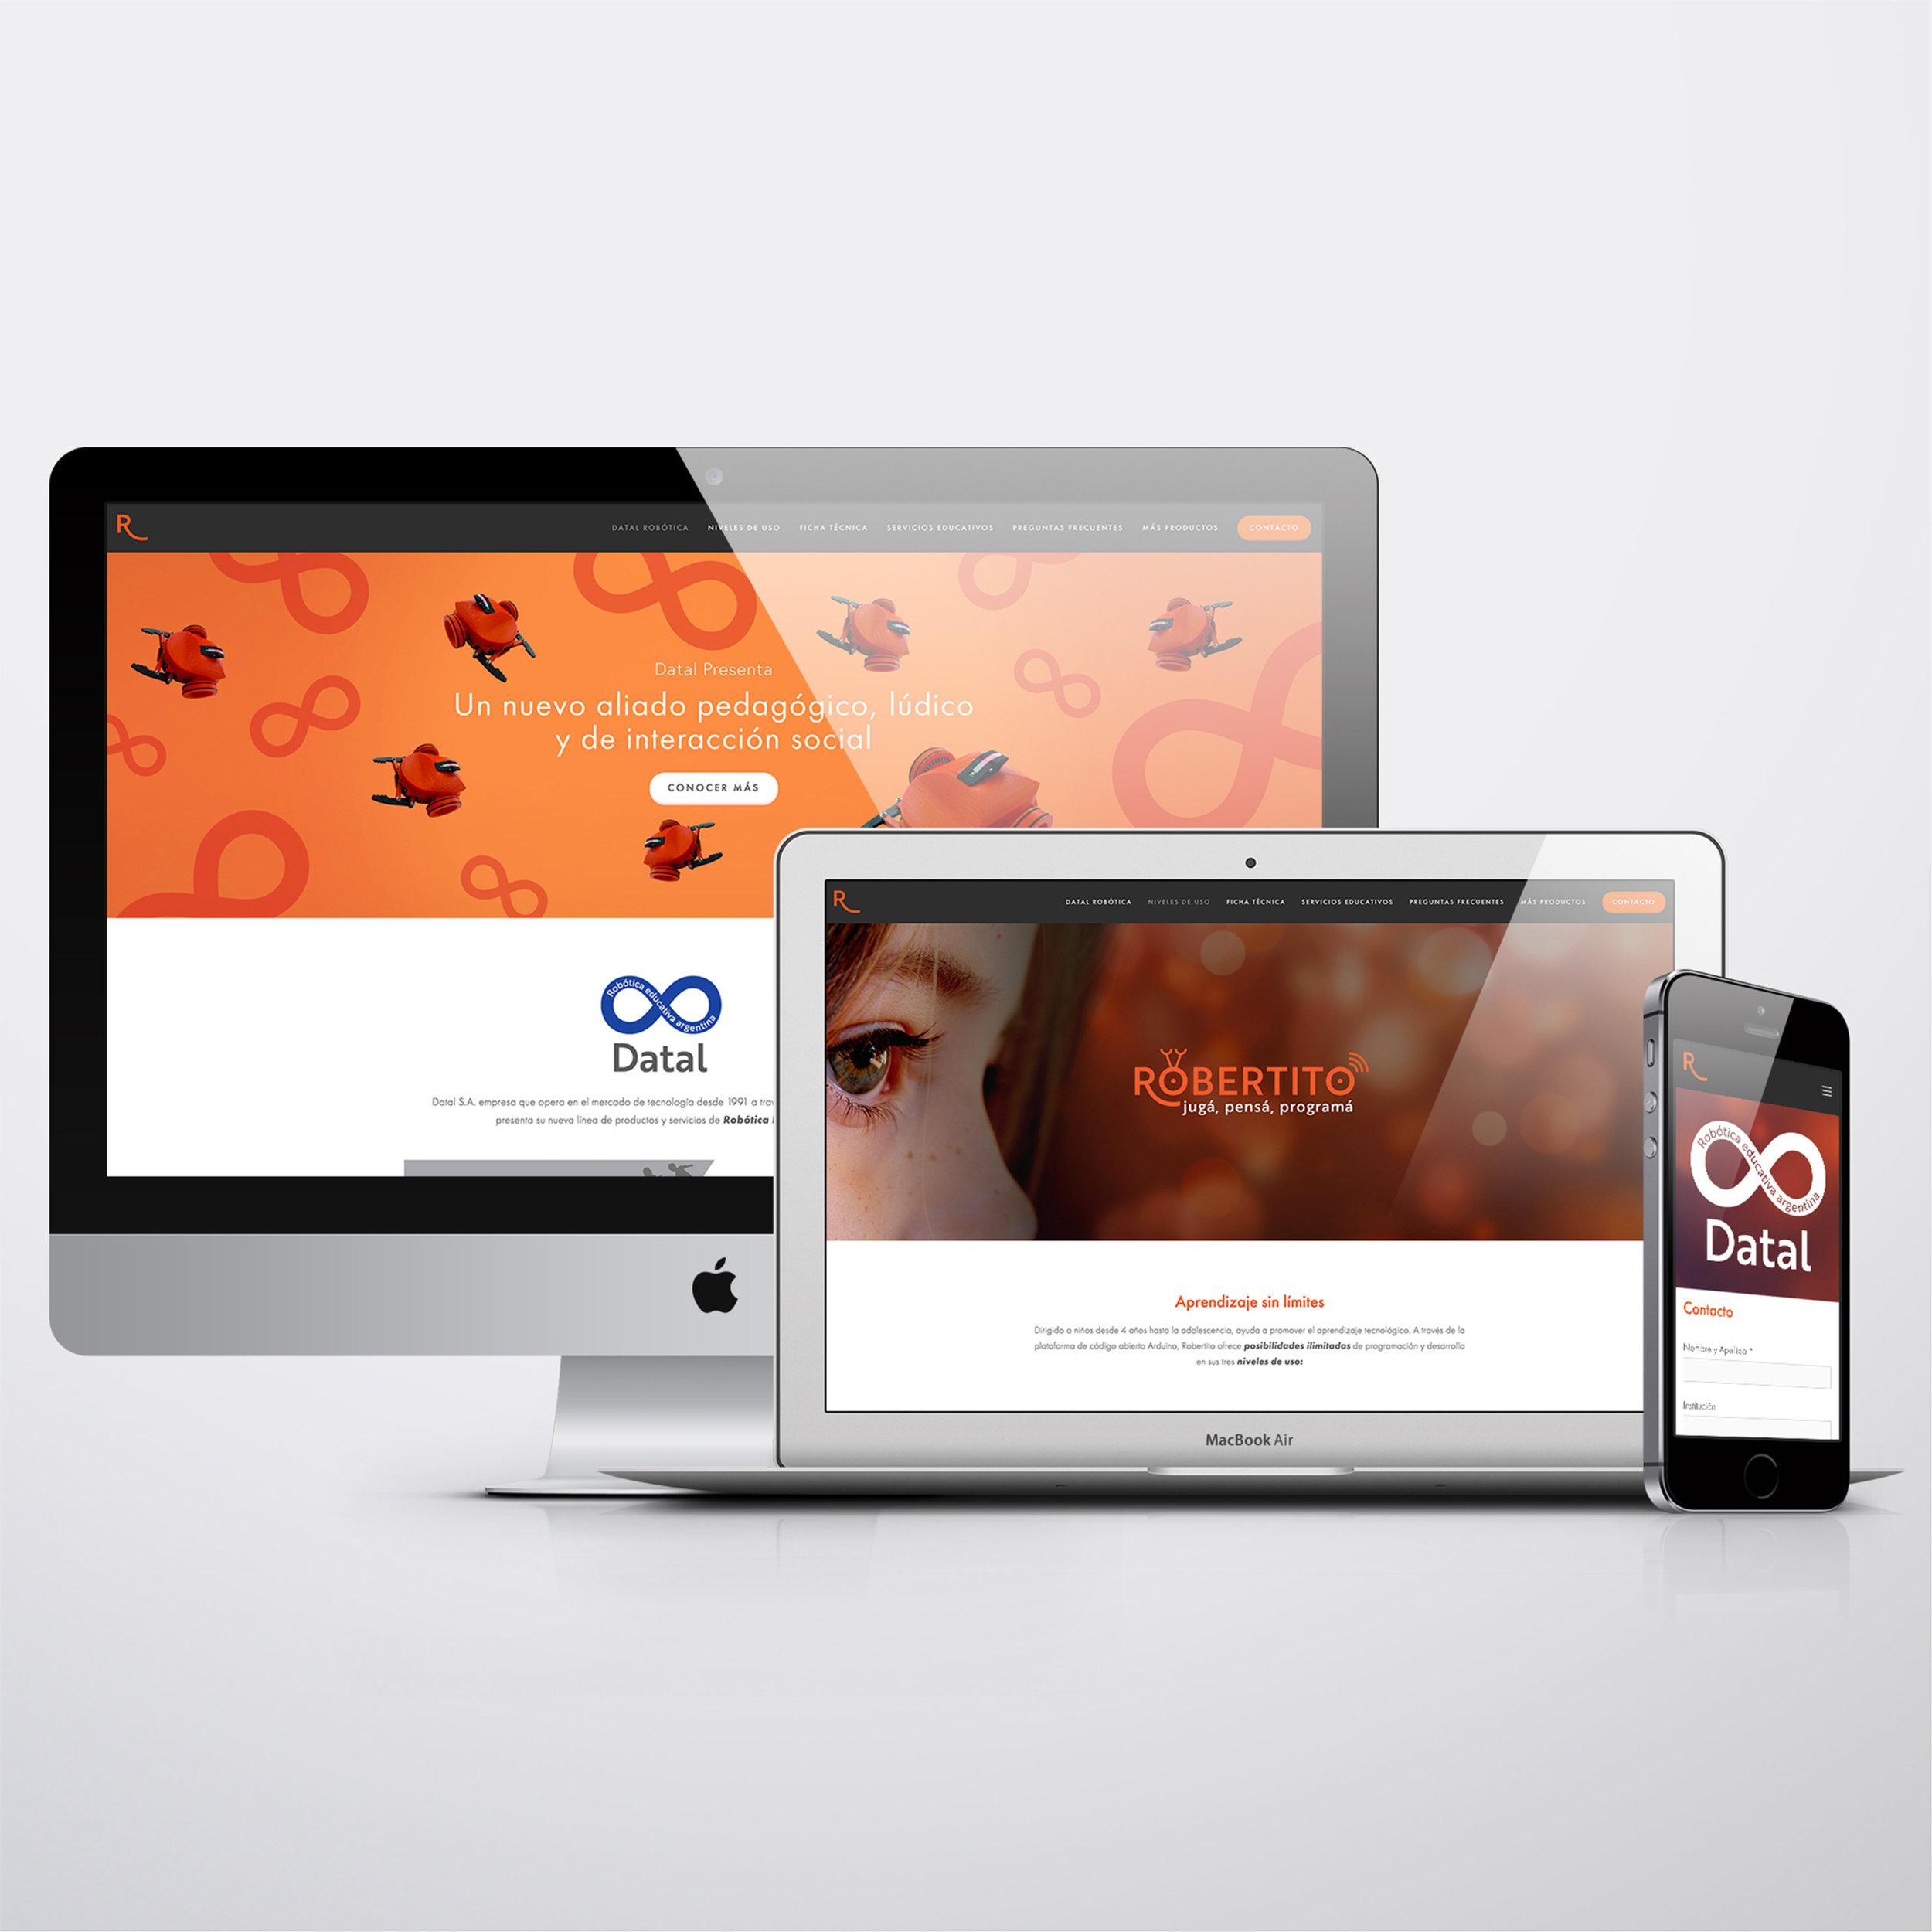 Datal_branding-01.jpg